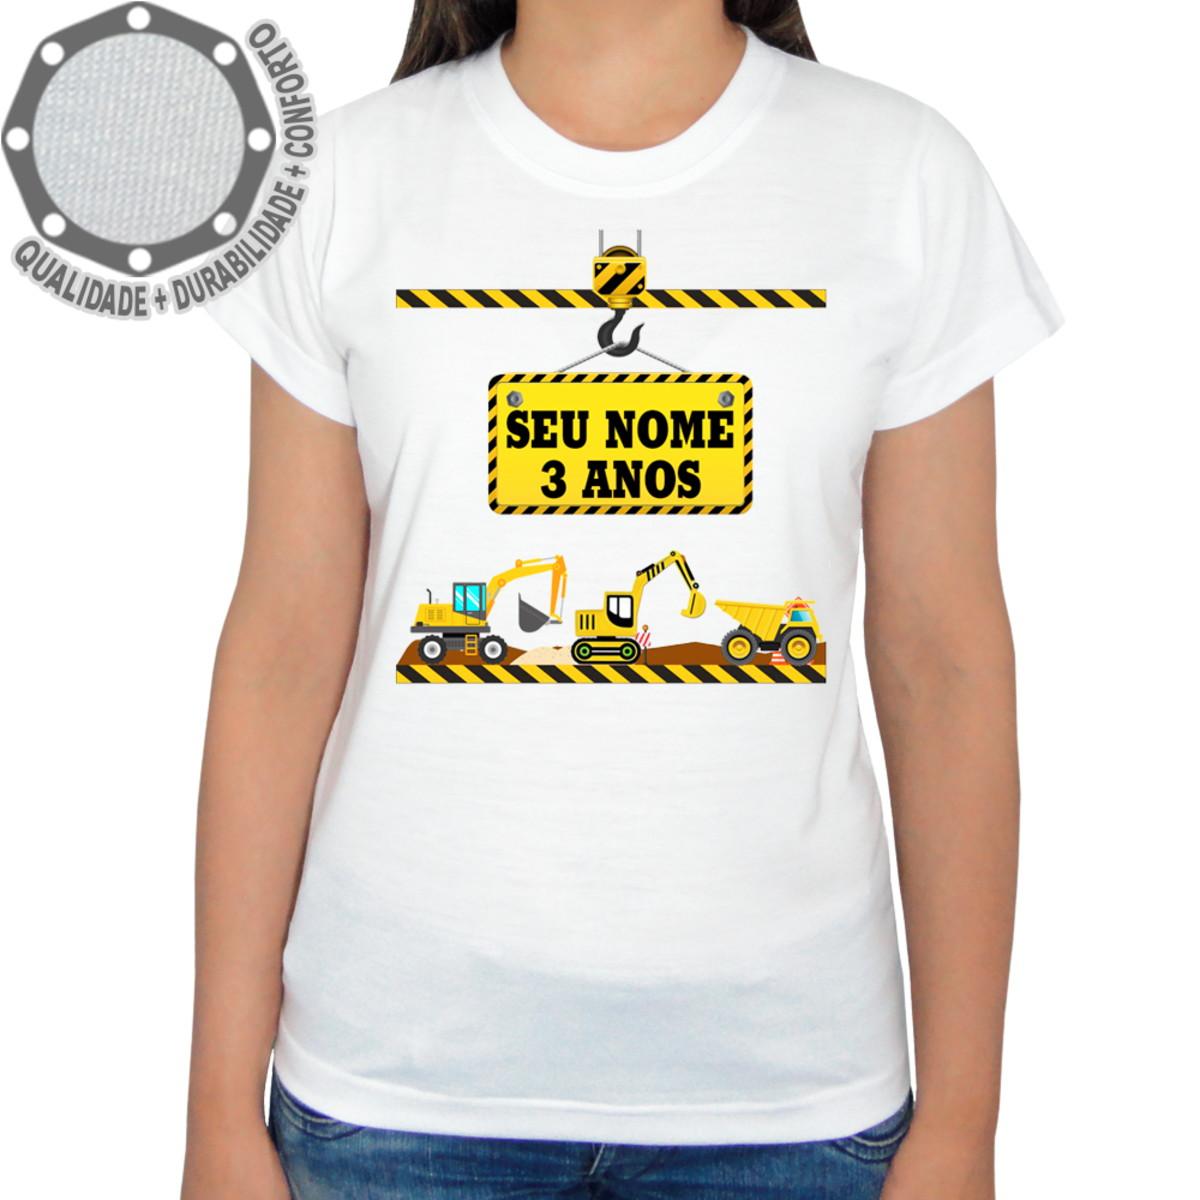 281920ab53 Camiseta Construção Camisa Maquinas ah01609 no Elo7